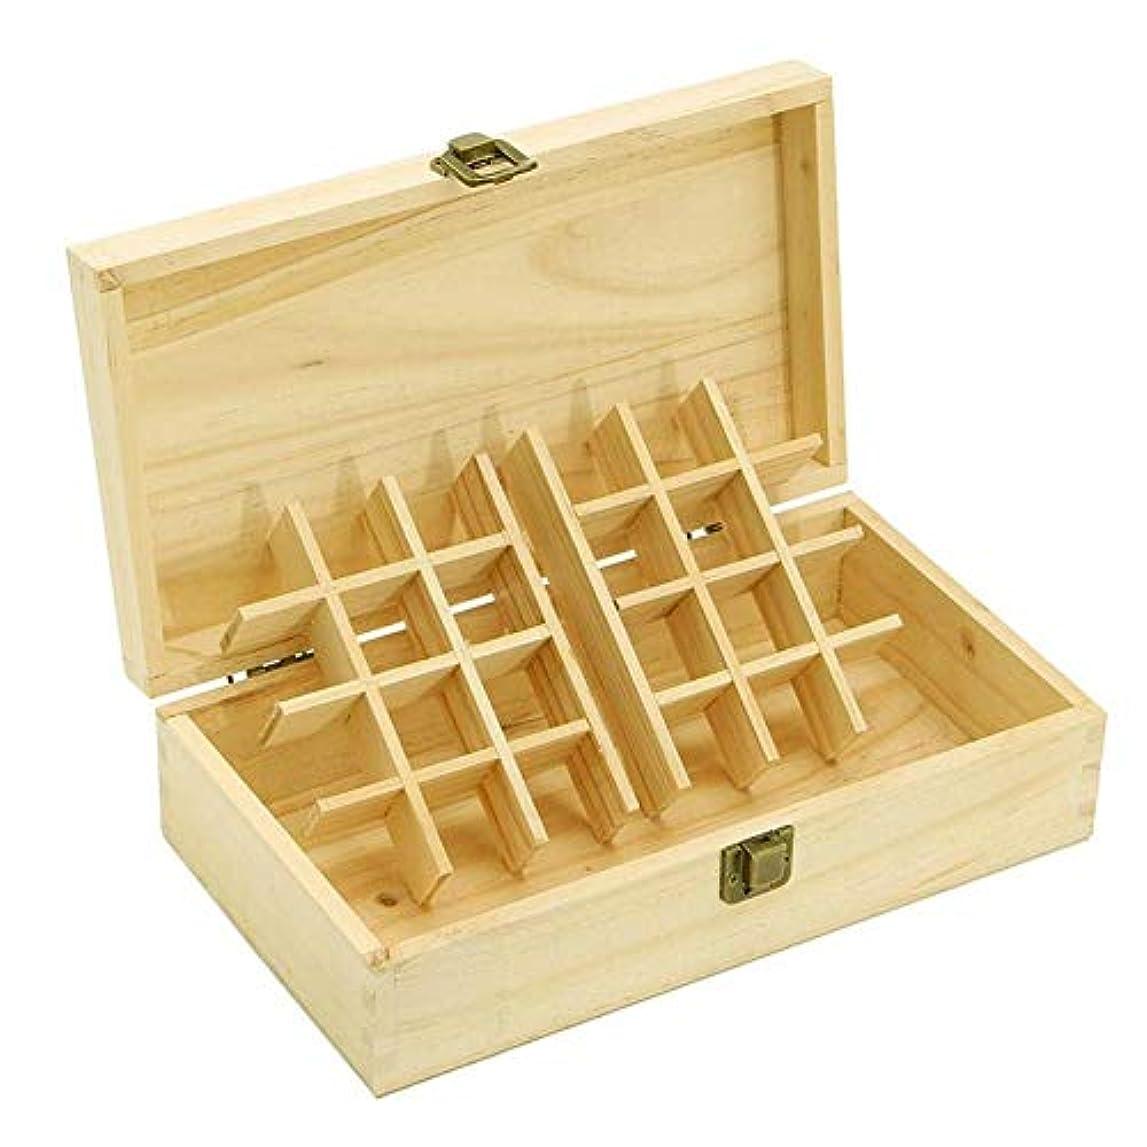 リアル公爵プロポーショナルエッセンシャルオイル収納ボックス 純木の精油の収納箱 香水収納ケース アロマオイル収納ボックス